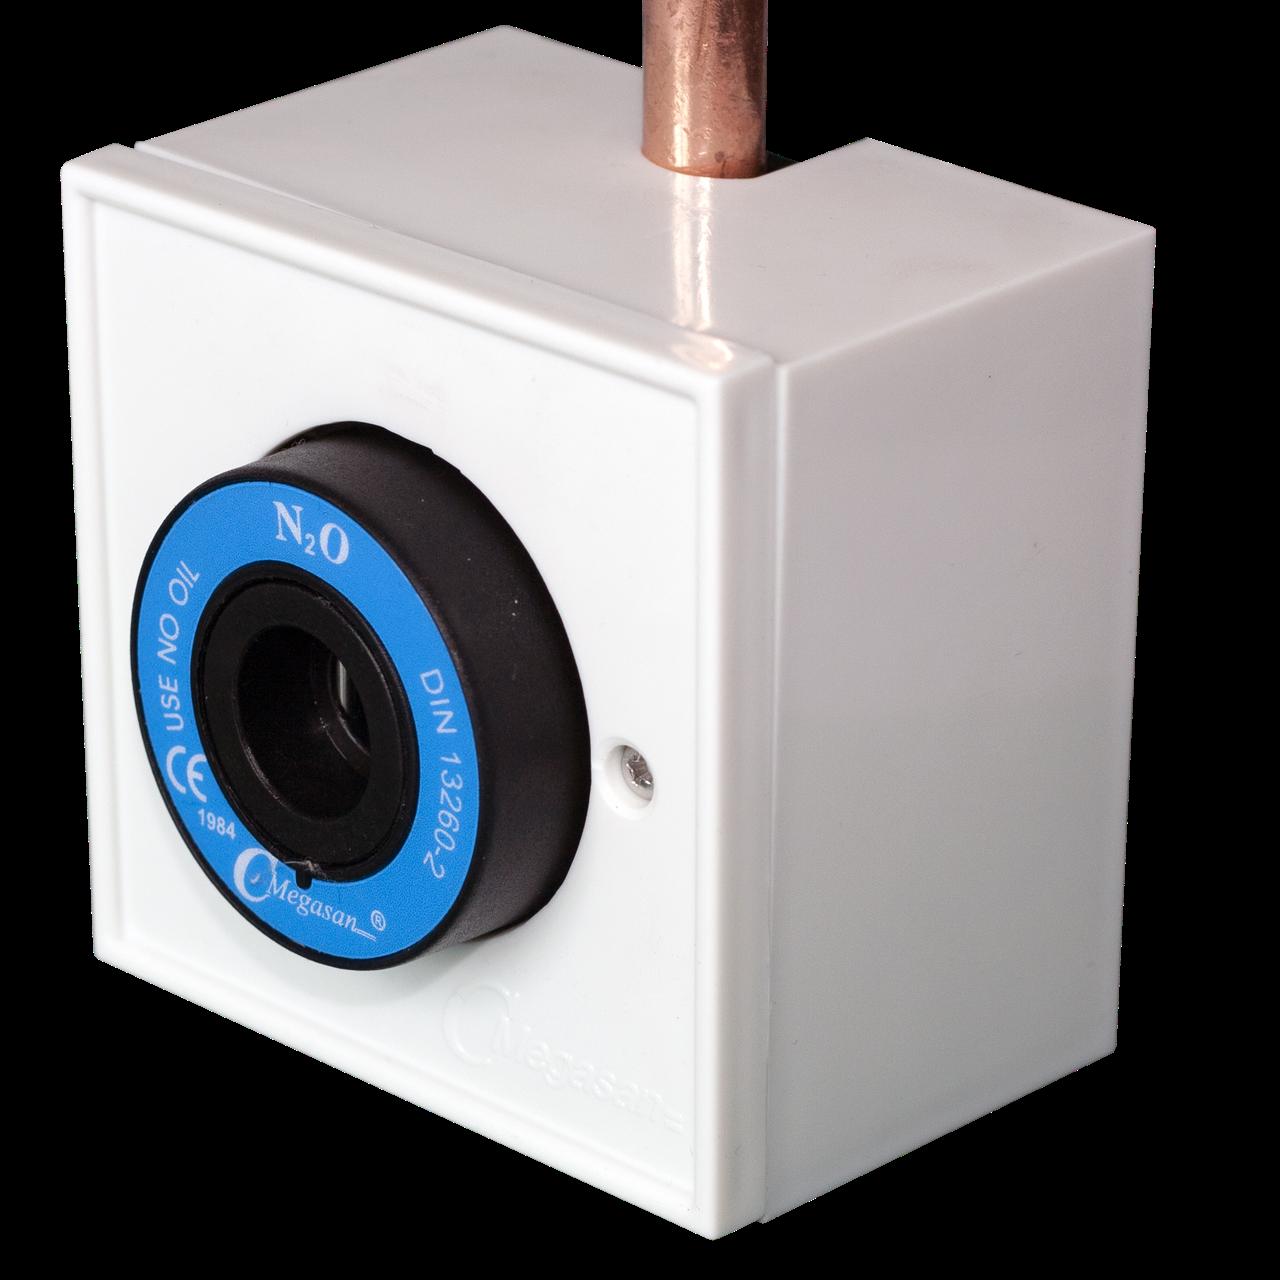 Розетка газовая, в корпусе, закись азота  - DIN - пневматическая 8 мм